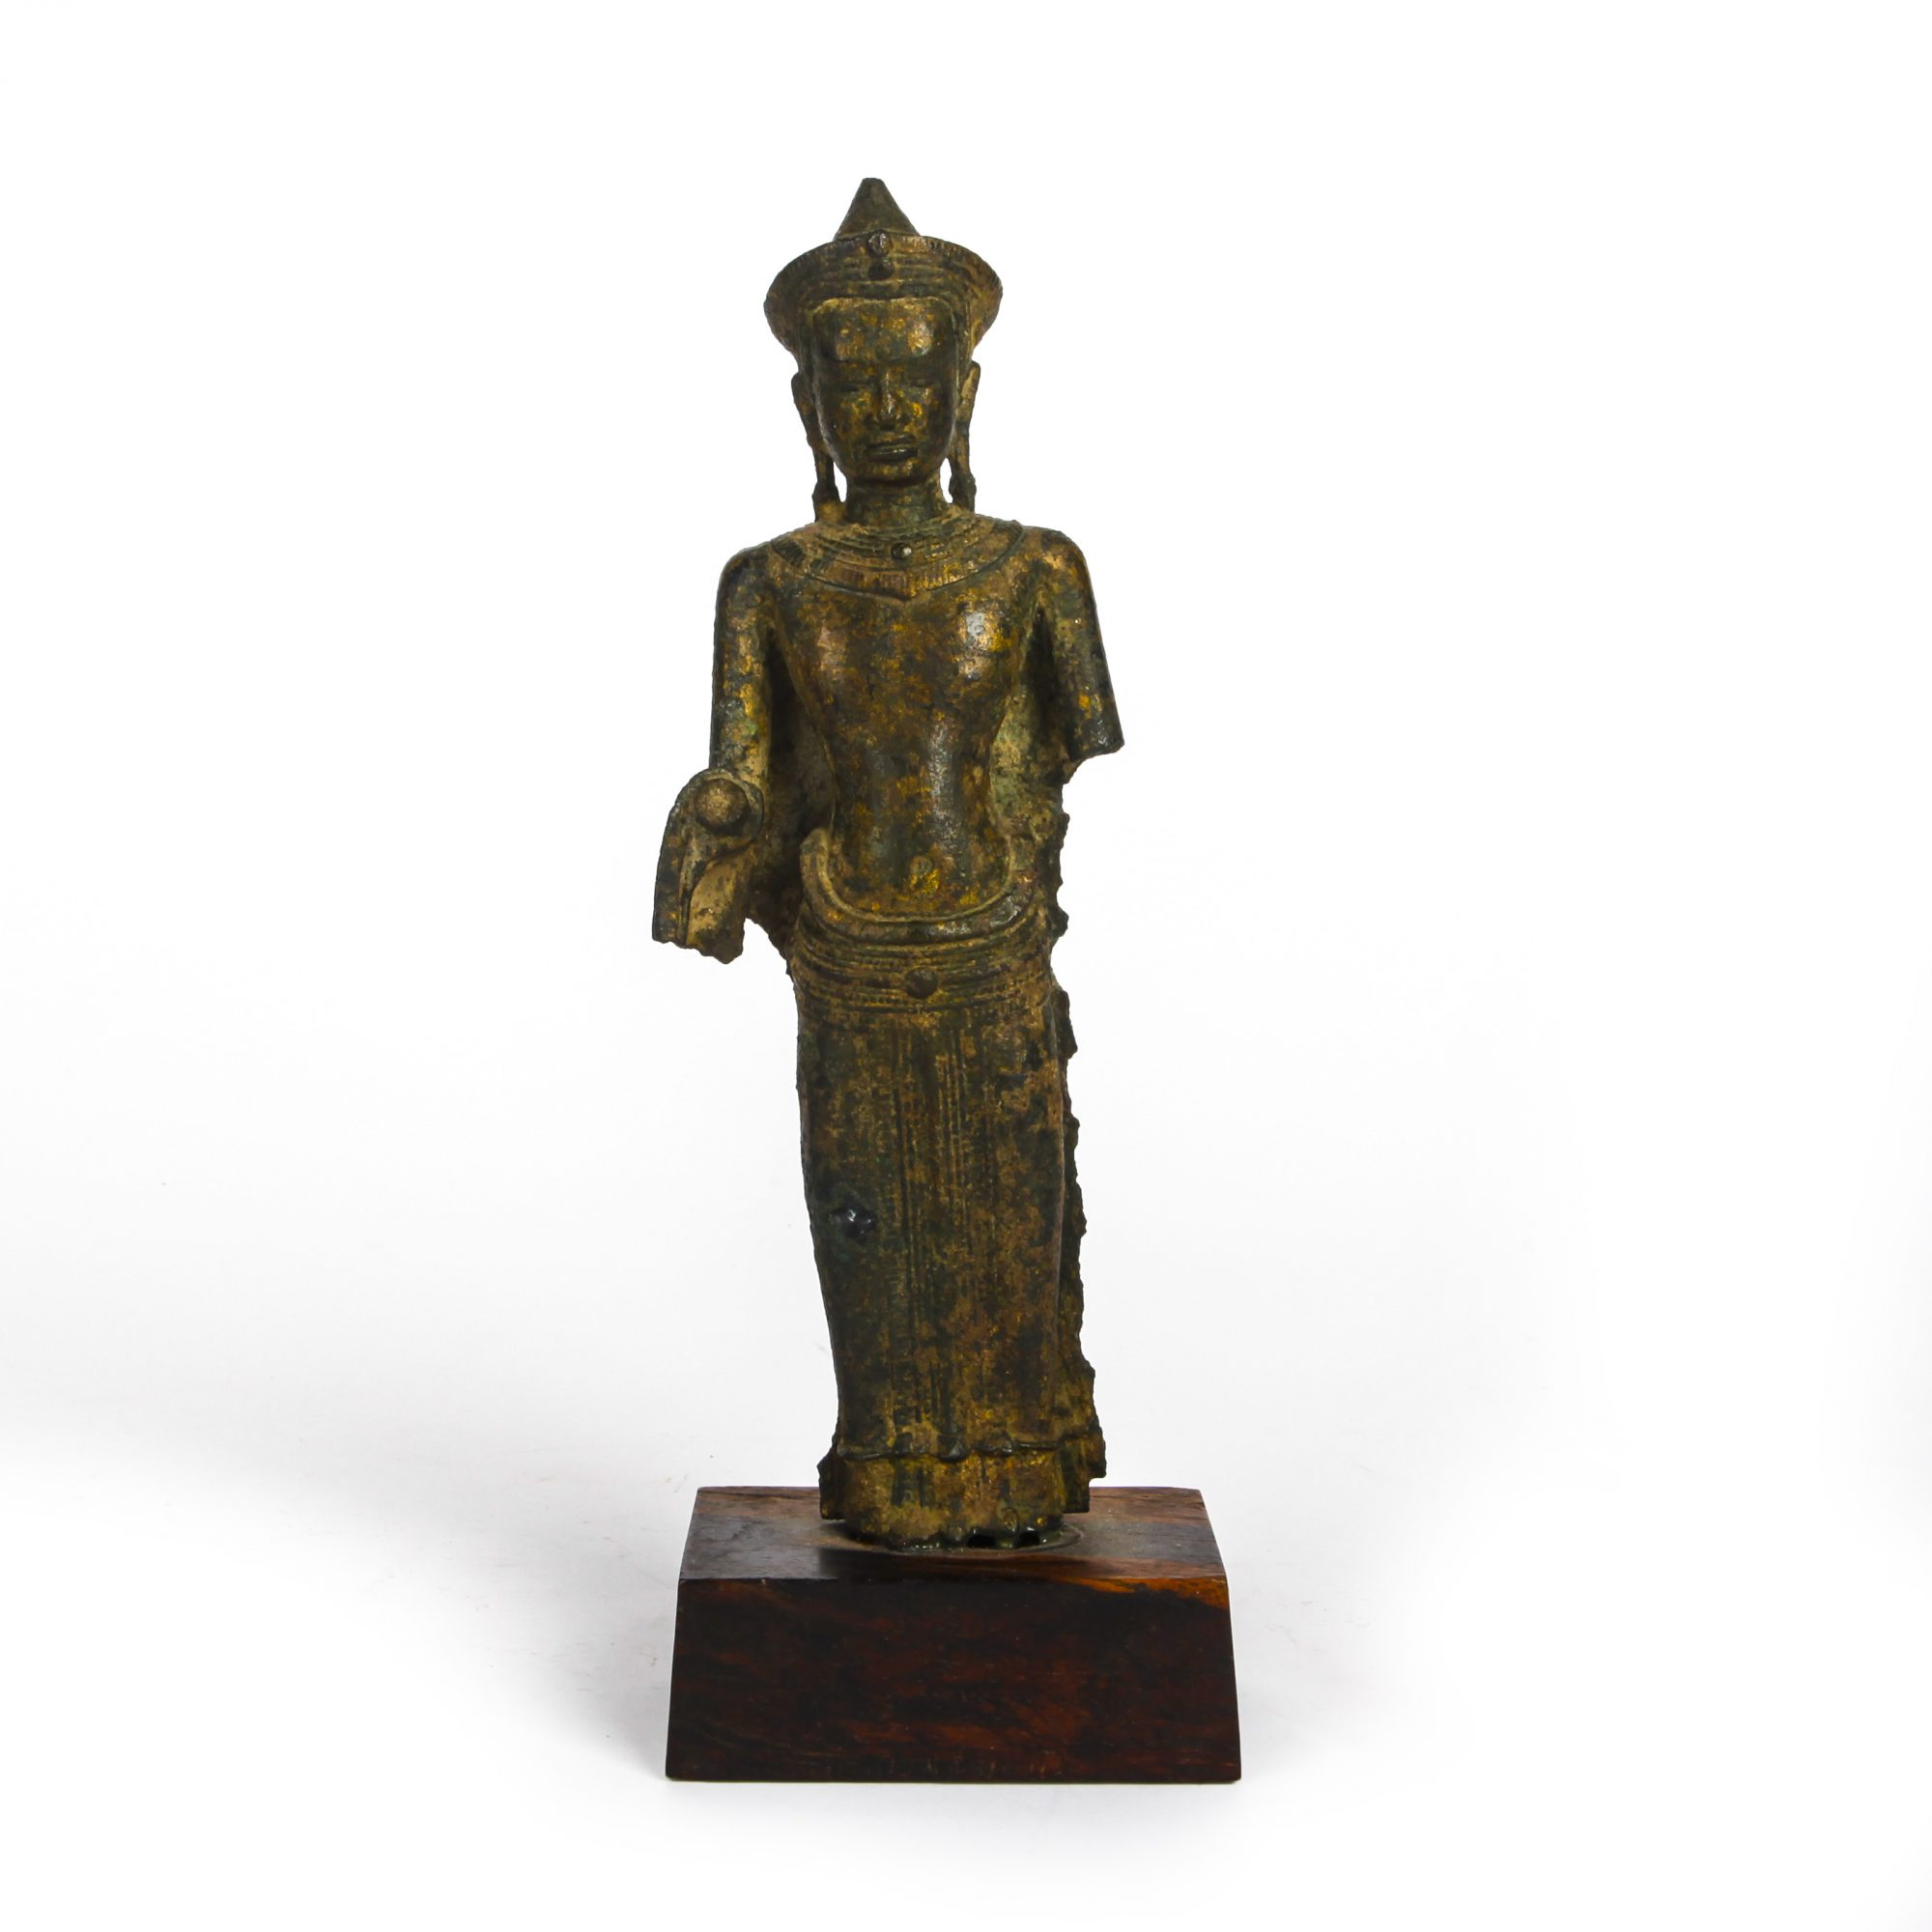 ANTIQUE THAI LOPBURI PERIOD KHMER BRONZE BUDDHA STATUE